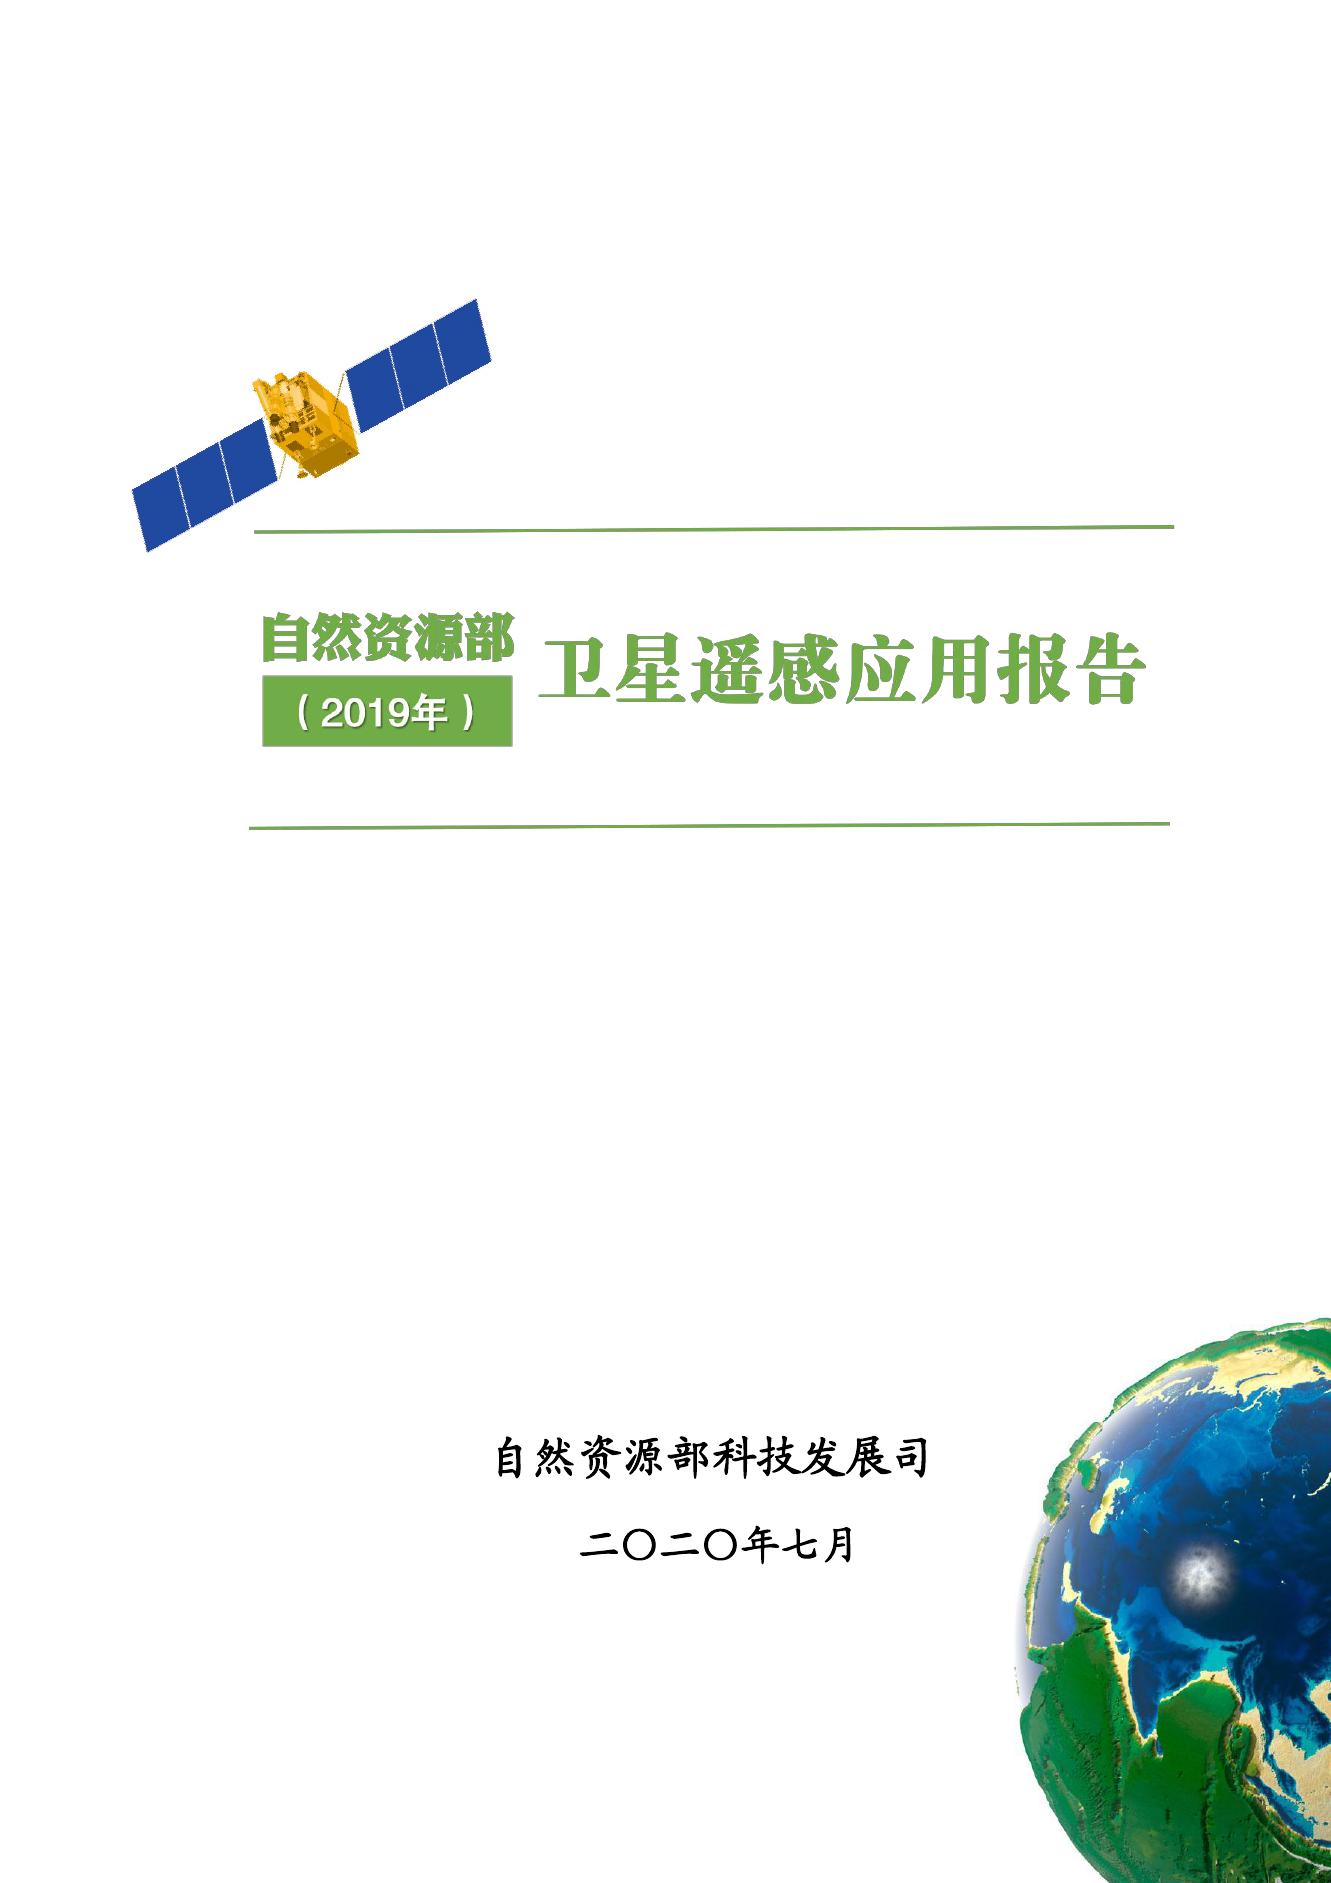 自然资源部:2019年卫星遥感应用报告